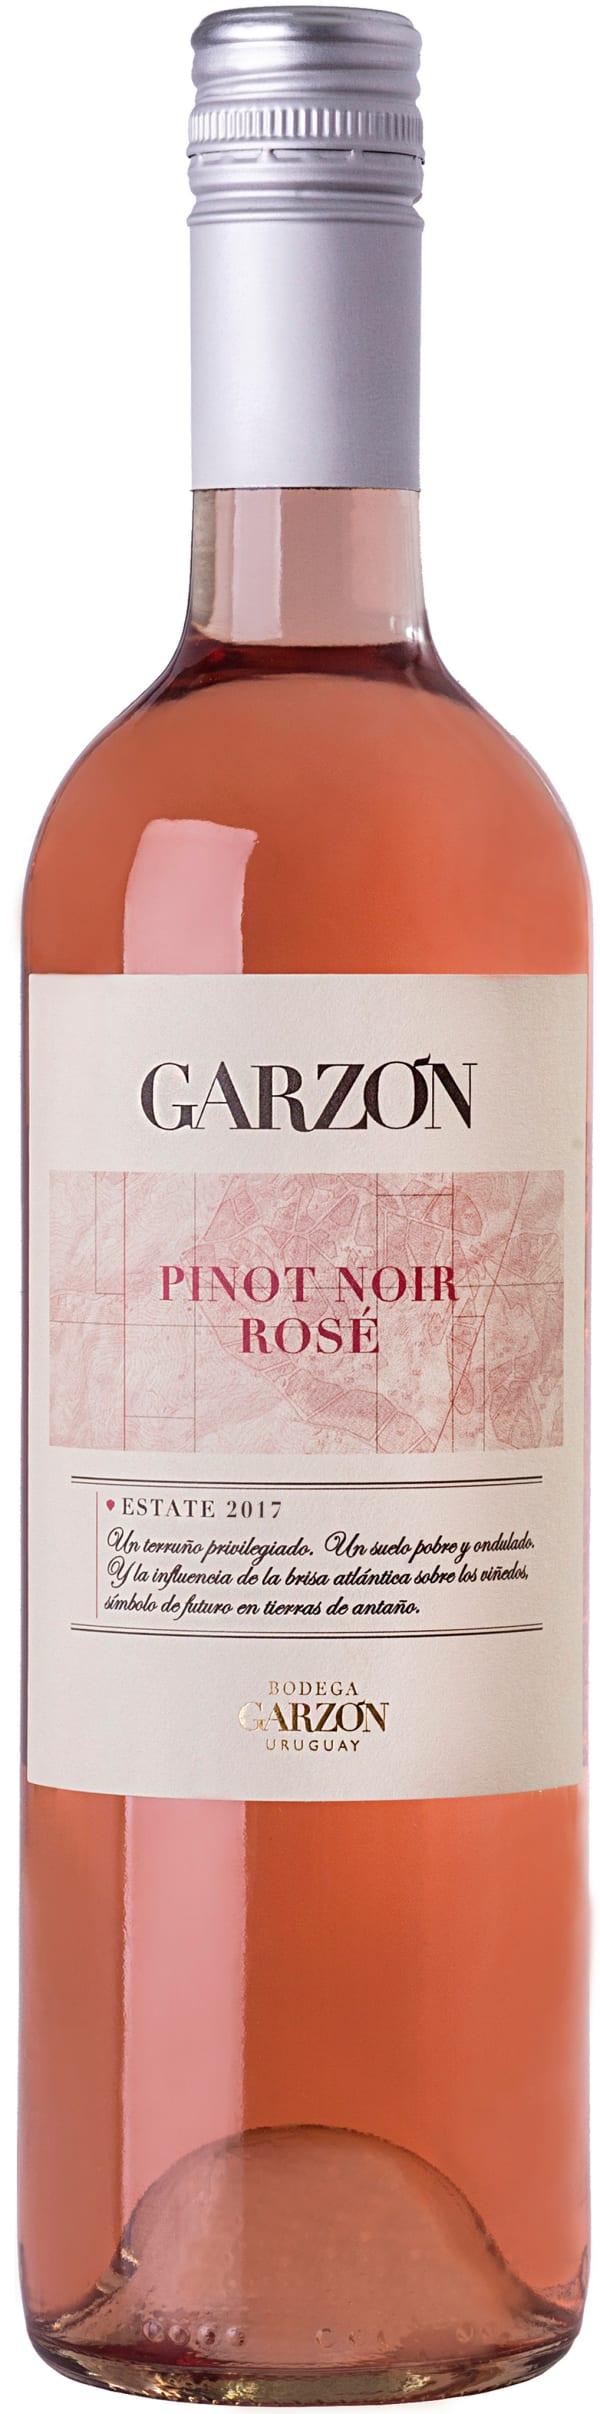 Garzón Pinot Noir Rosé 2017